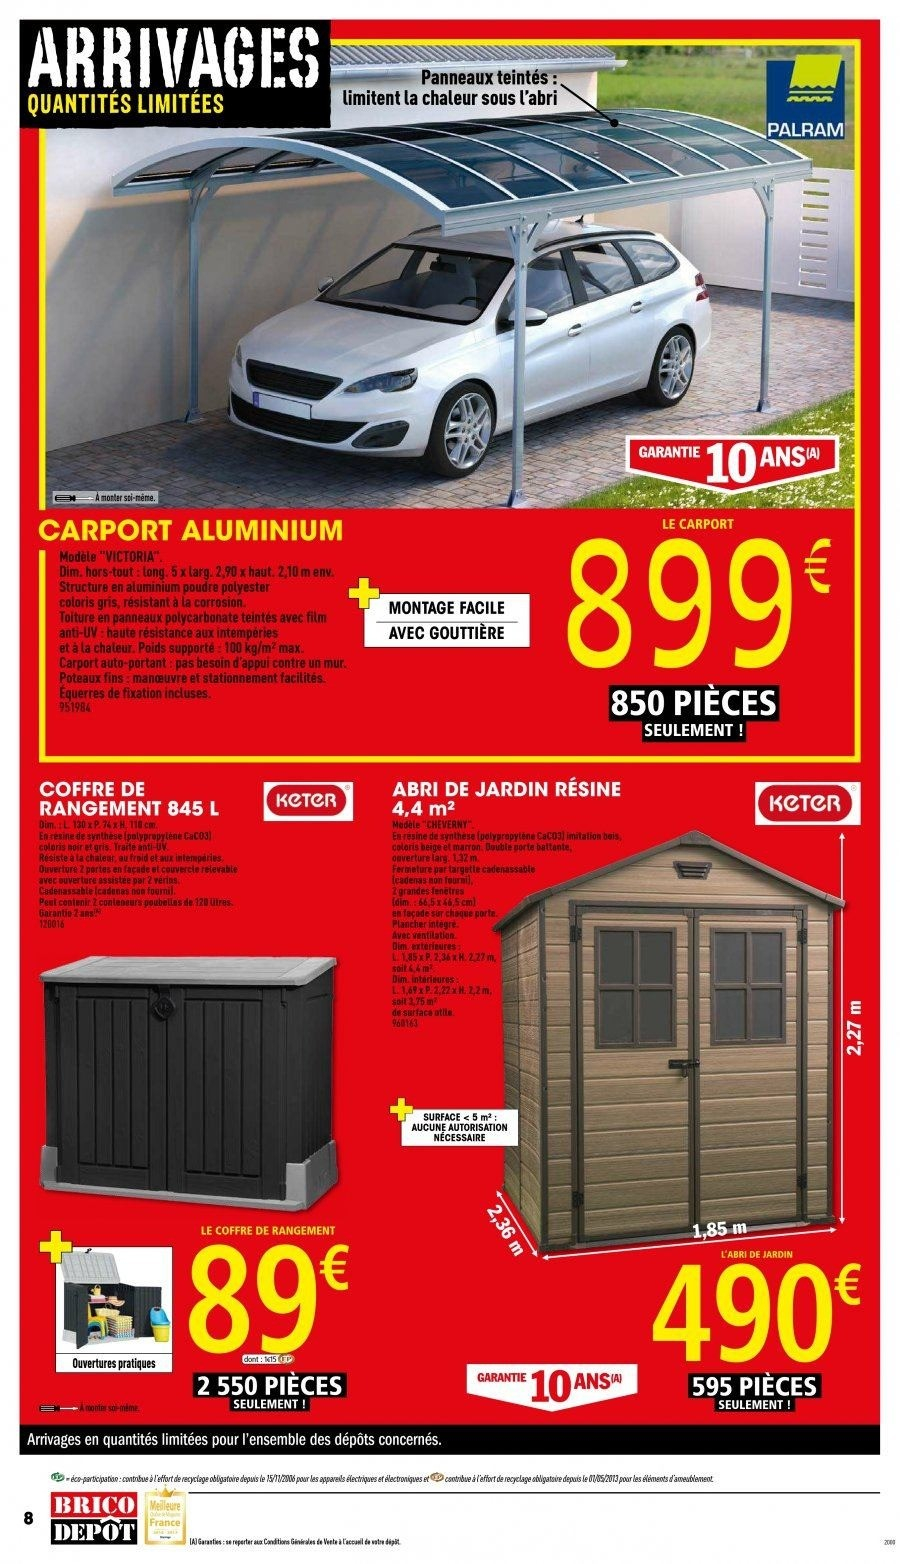 classique carport brico depot avec concernant recent classique carport brico depot avec gallery trend ideas 2018 antique et 0 900x1564px